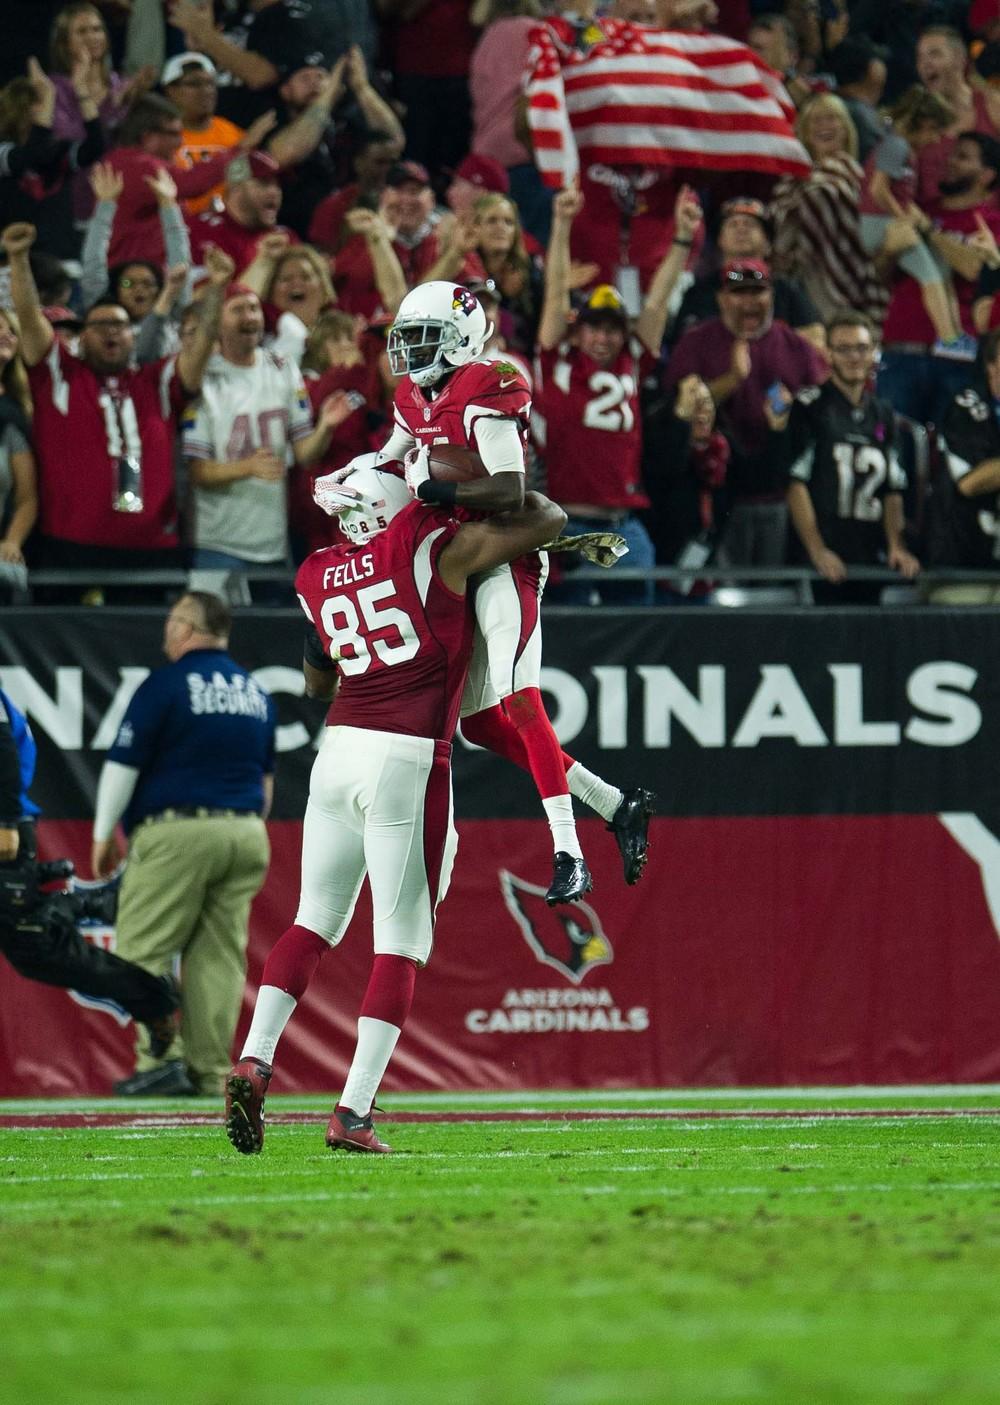 NFL_9.jpg